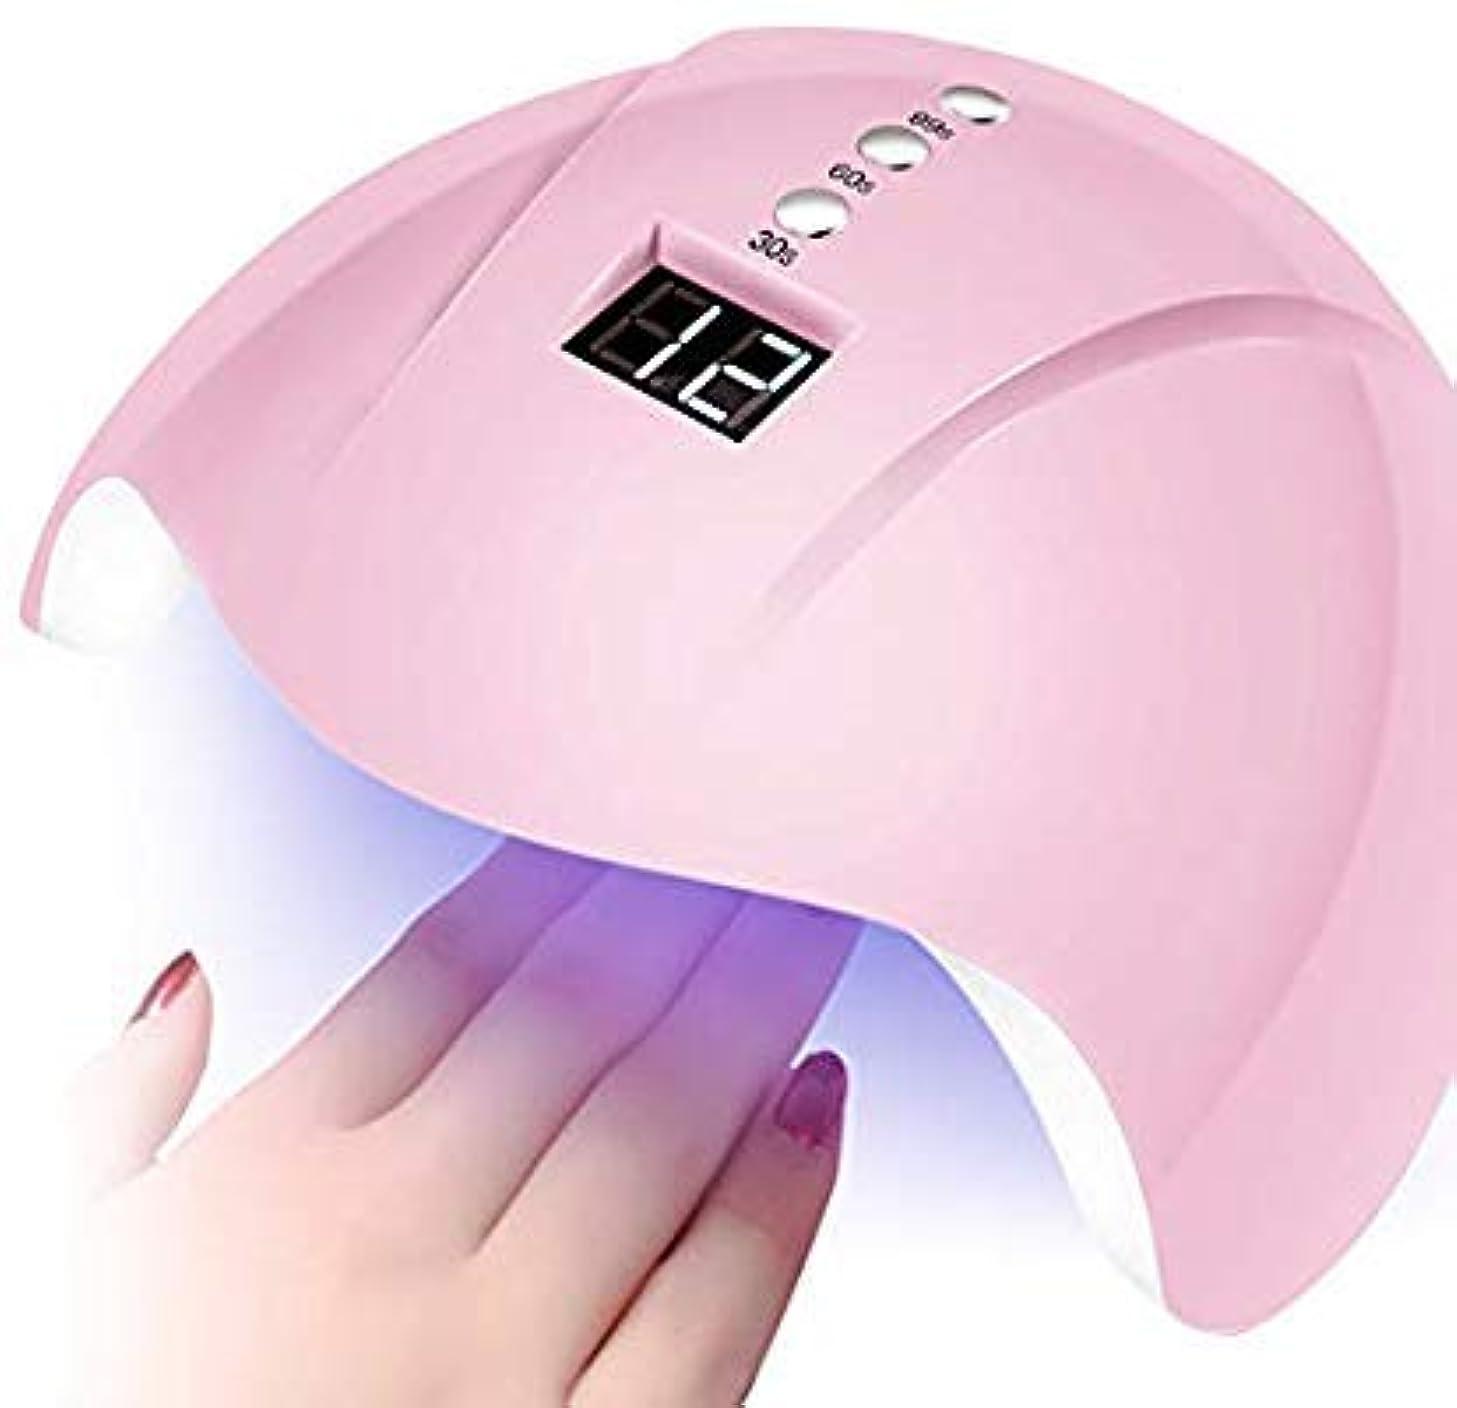 超音速ロッカーゲームAdomi UV LED ネイルドライヤー 36W ハイパワー 3段階タイマー設定 赤外線検知 ジェルネイル硬化用ライト 12LED USB式 【12ヶ月品質保証】